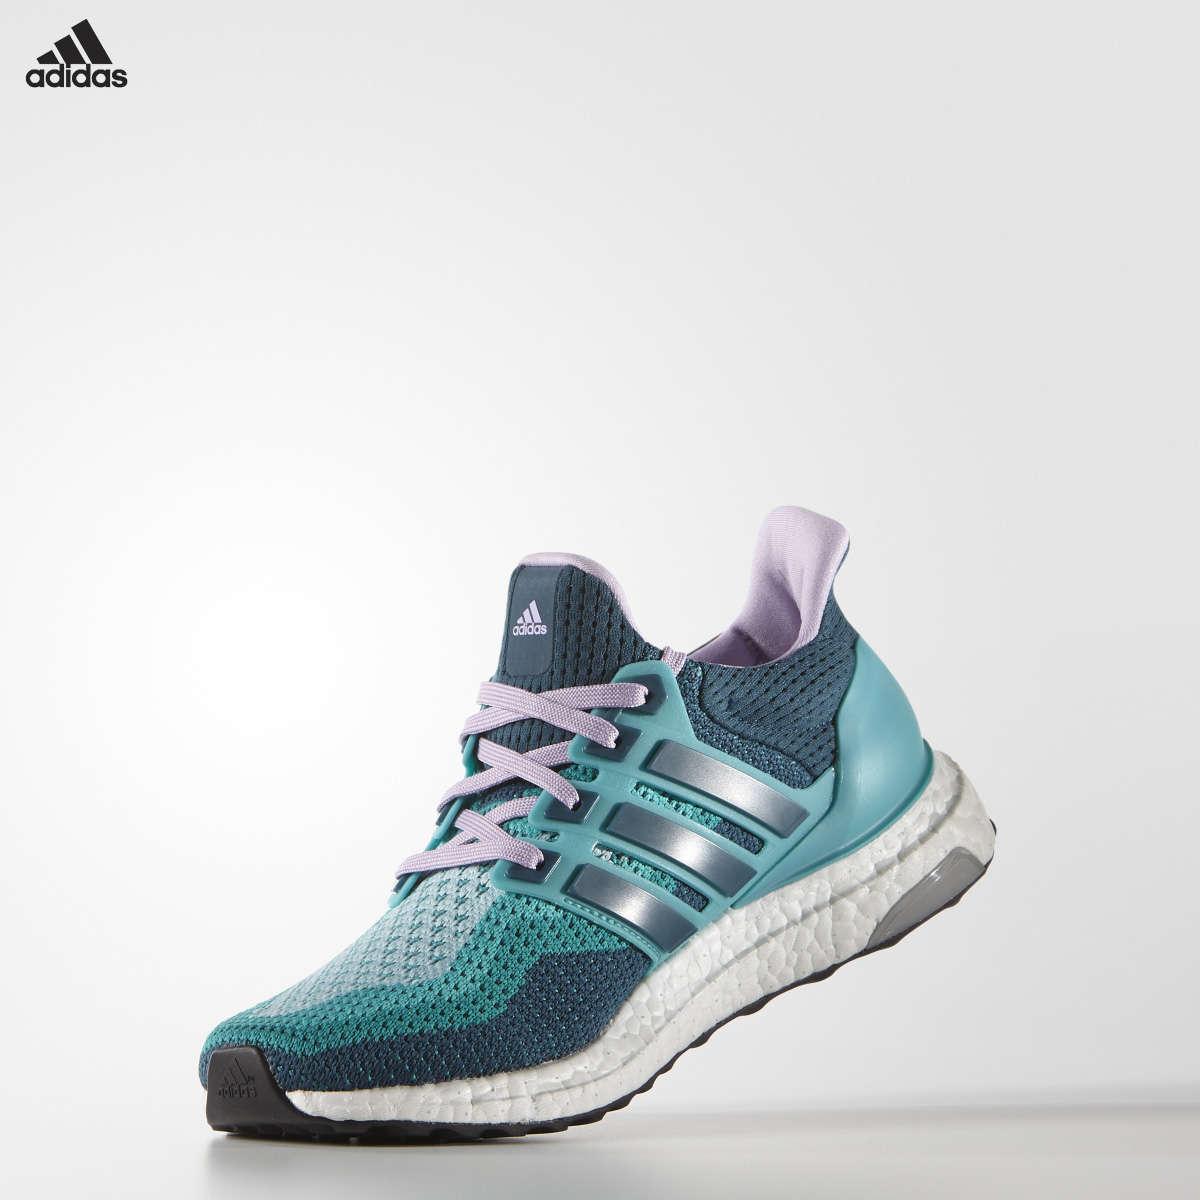 Adidas Ultra Boost groen